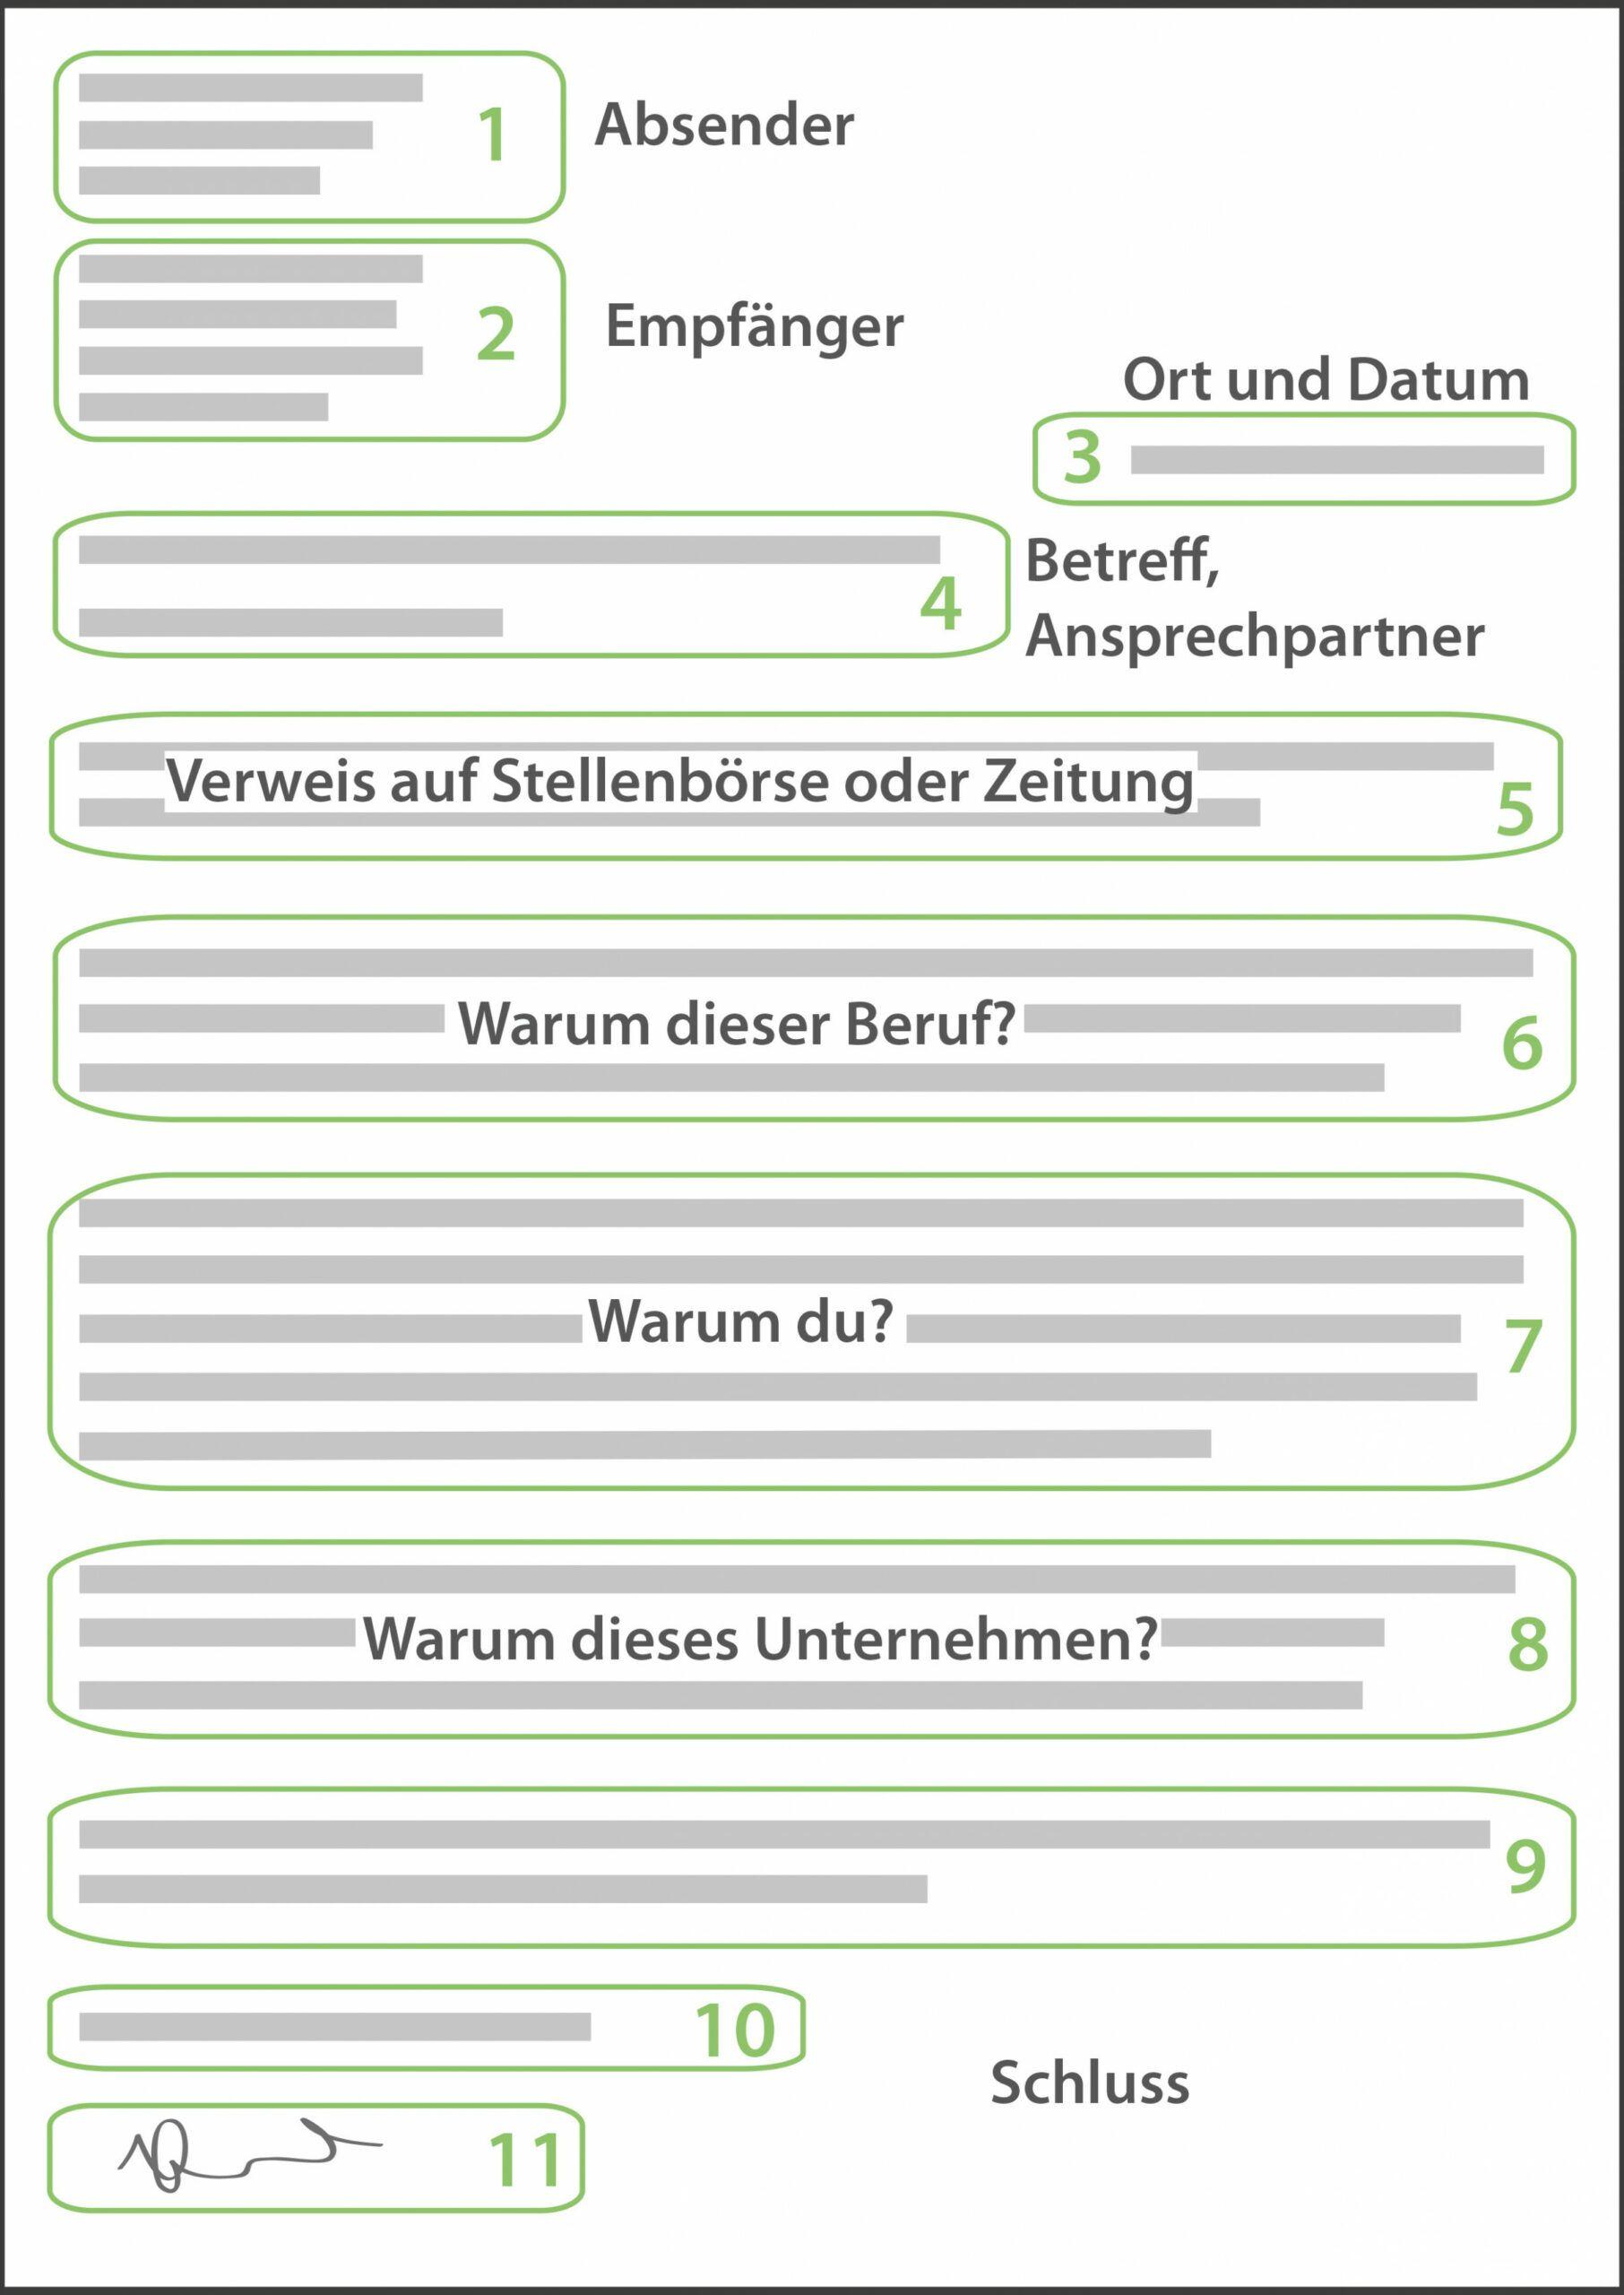 Ort Und Datum Im Bewerbungsschreiben Bewerbung Schreiben Bewerbungsschreiben Bewerbungsschreiben Muster